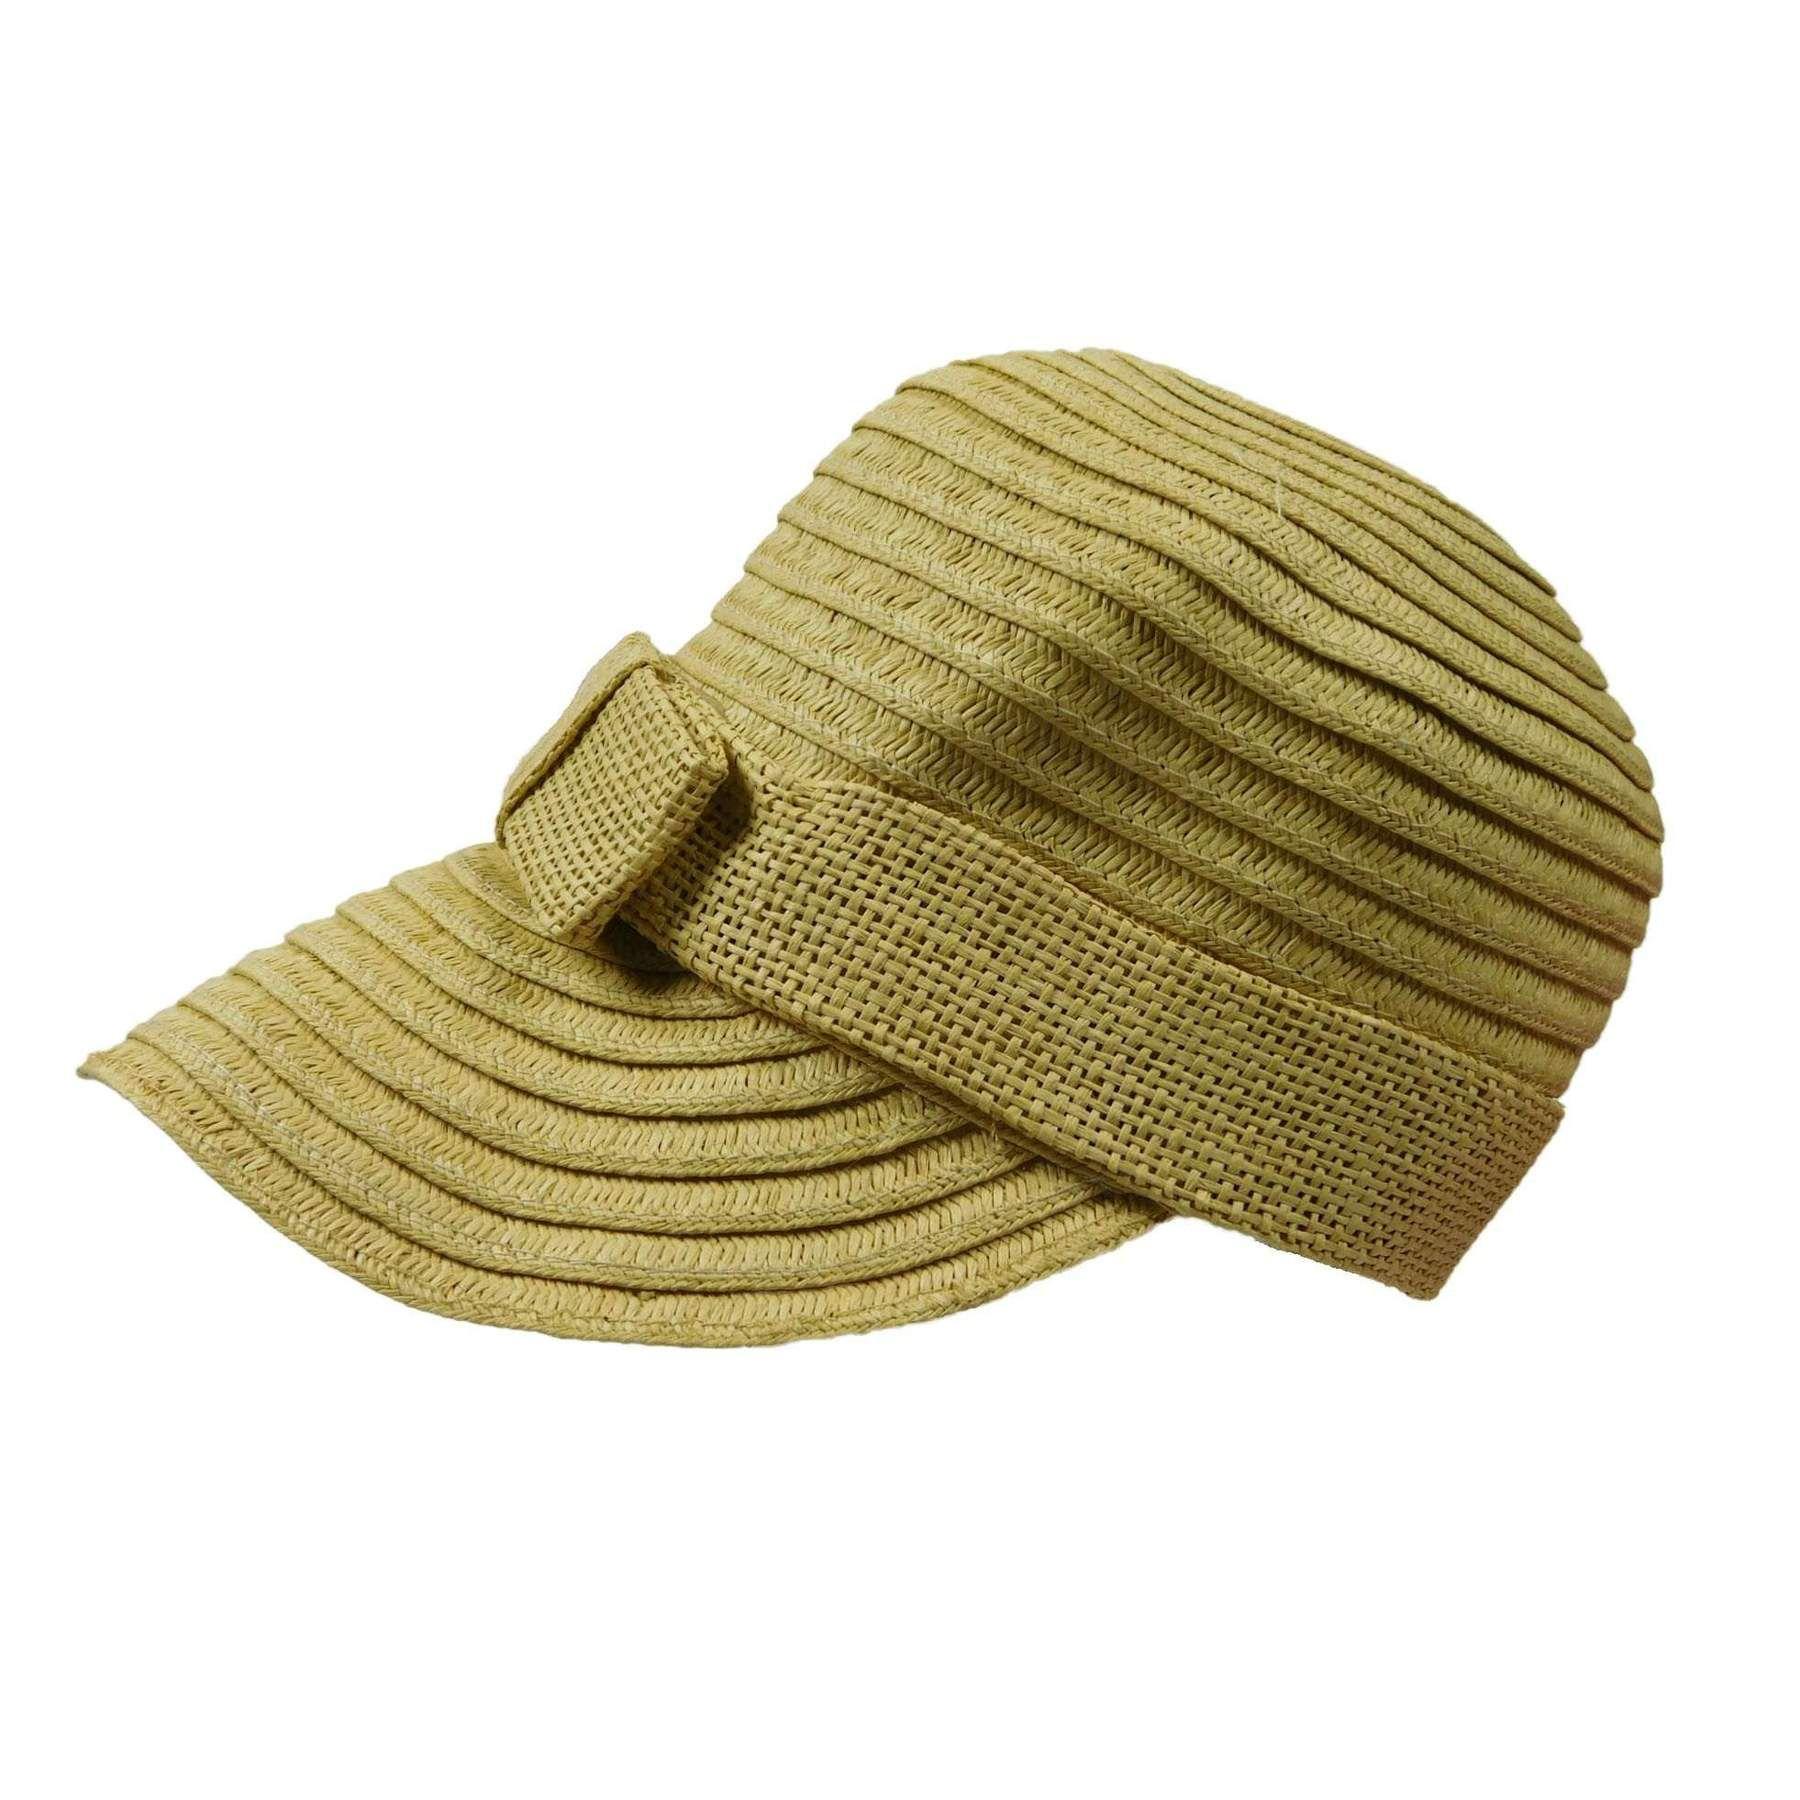 a8ef711d5 Small Brim Summer Cap in 2019   2020 Accessories   Summer cap, Hats, Cap